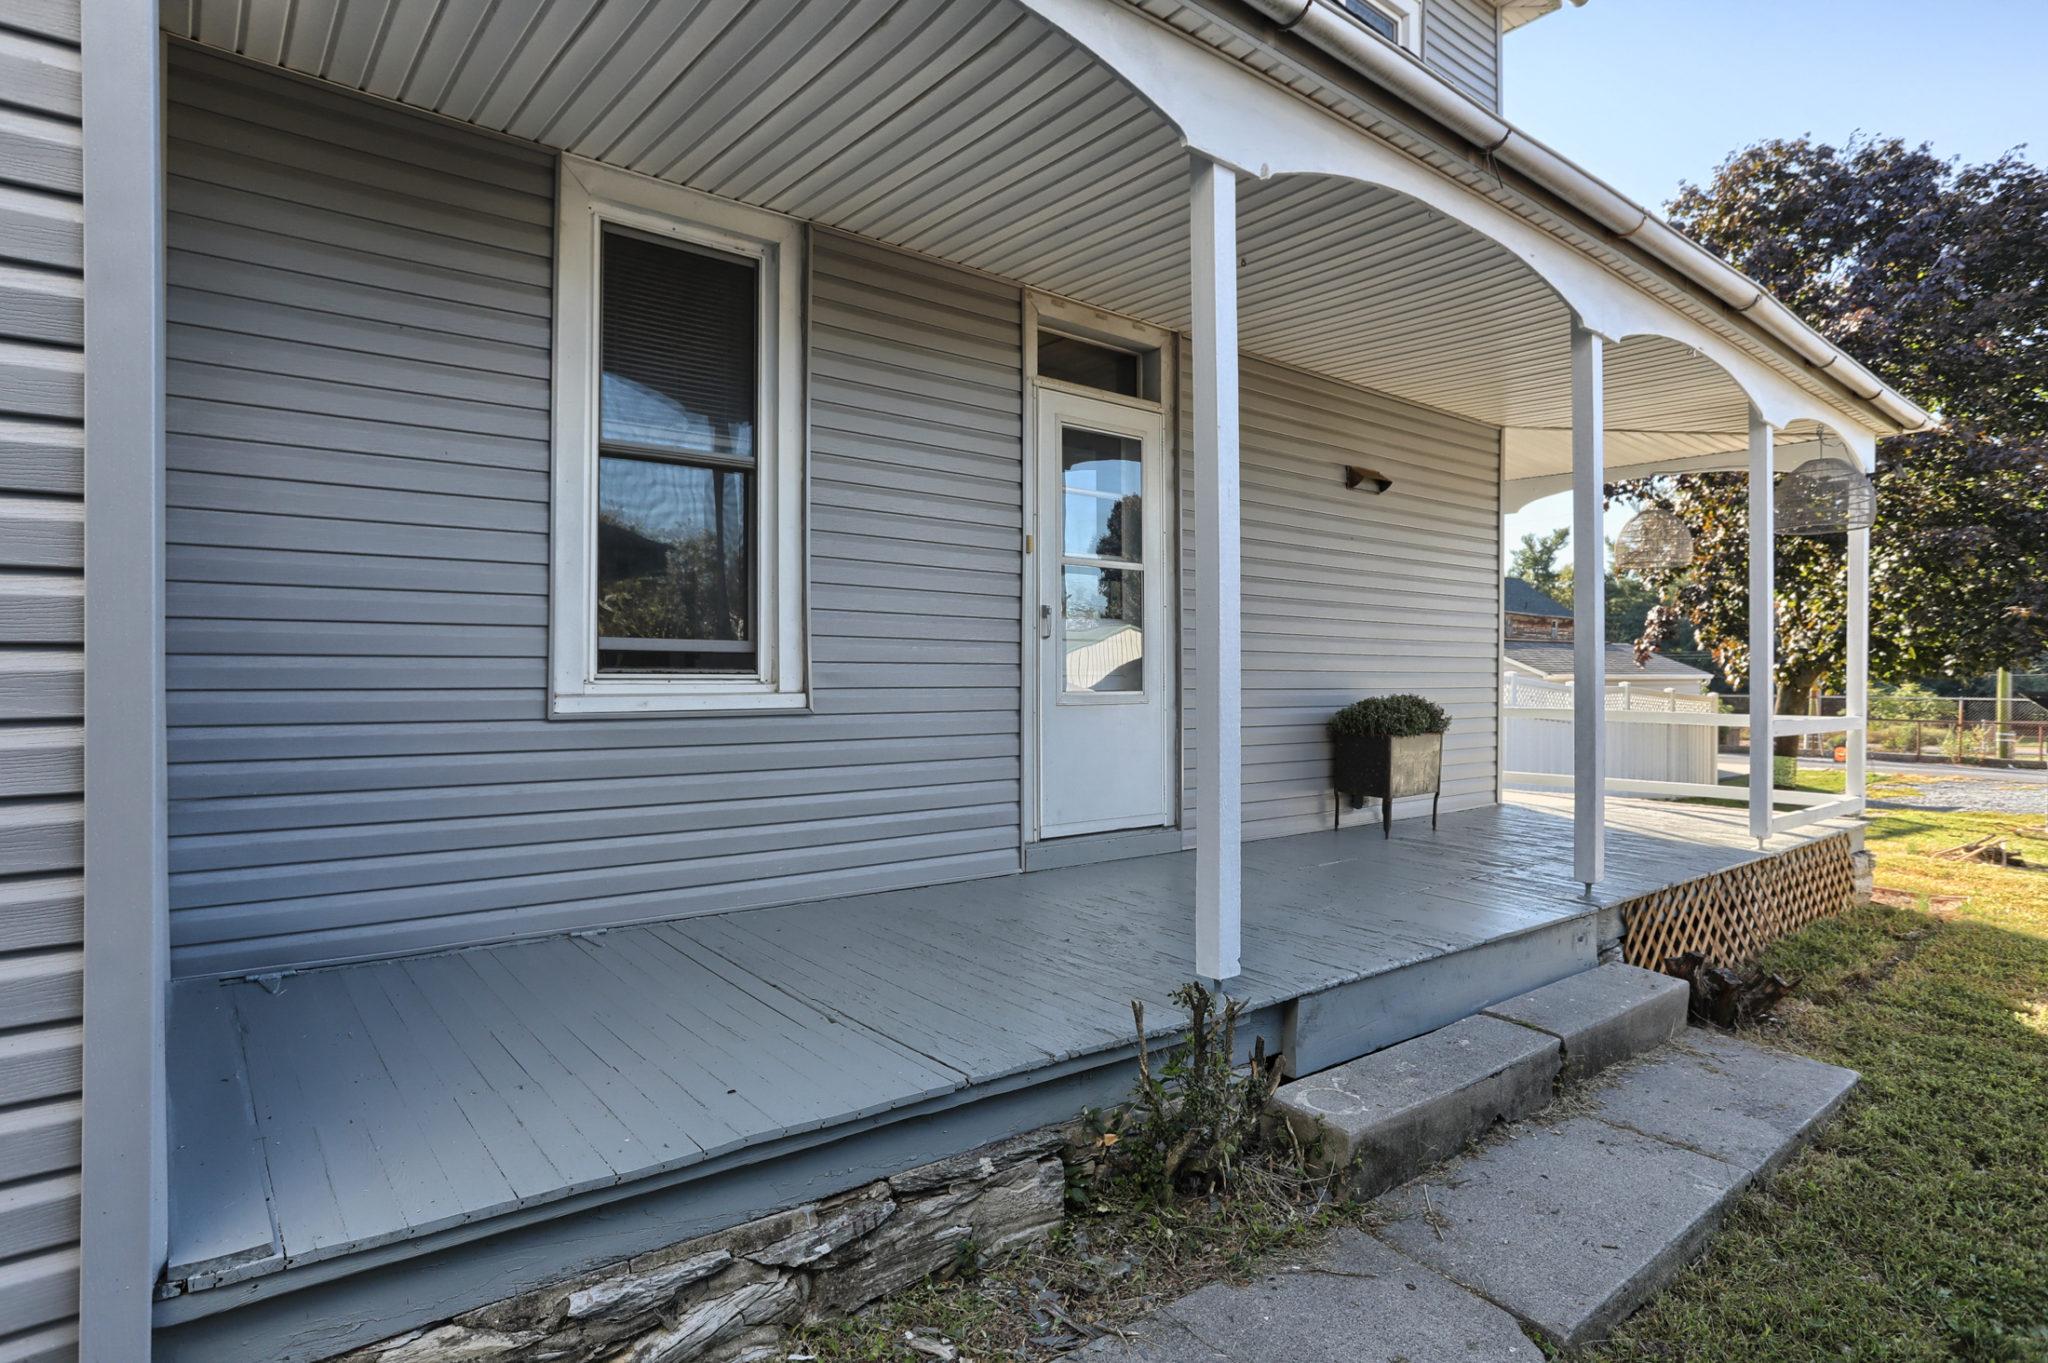 12 E. Maple Avenue - Side Porch